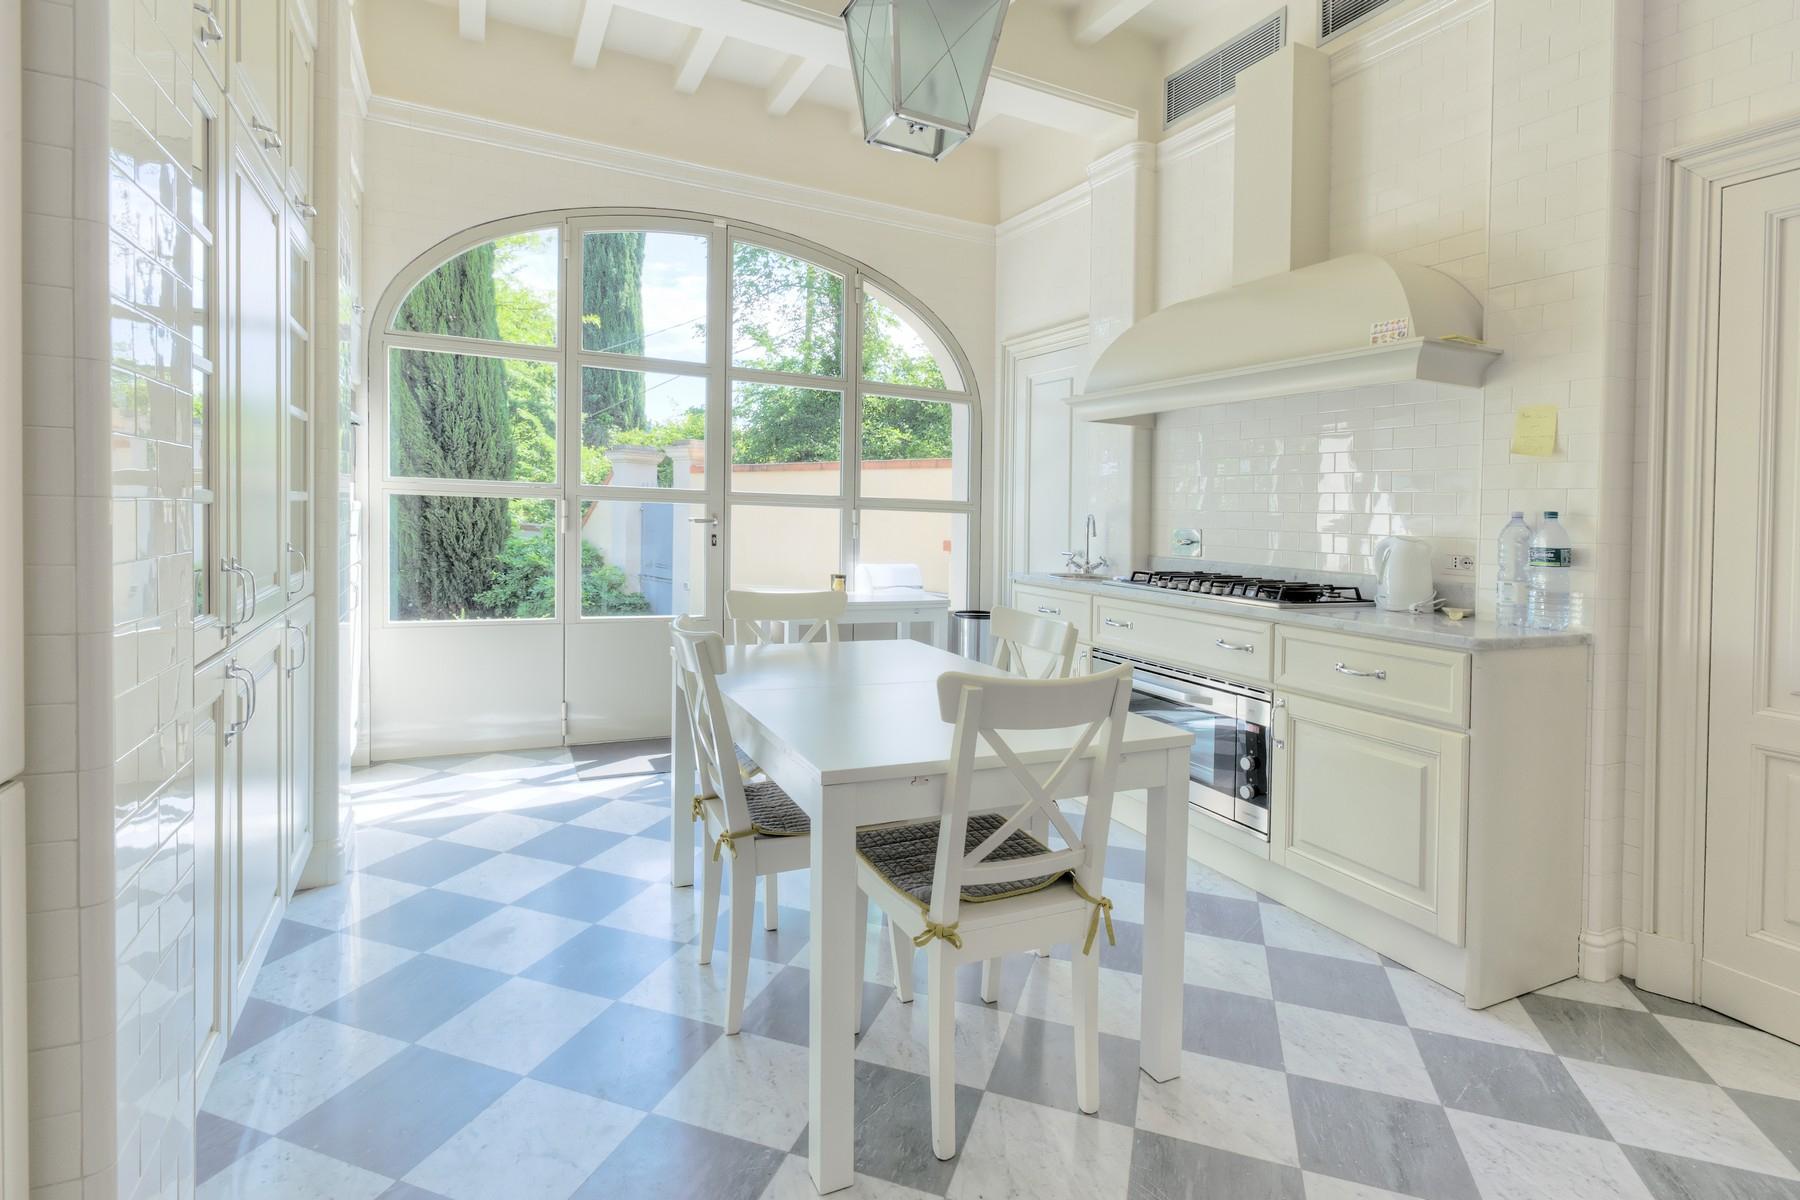 Villa in Vendita a Firenze: 5 locali, 360 mq - Foto 9